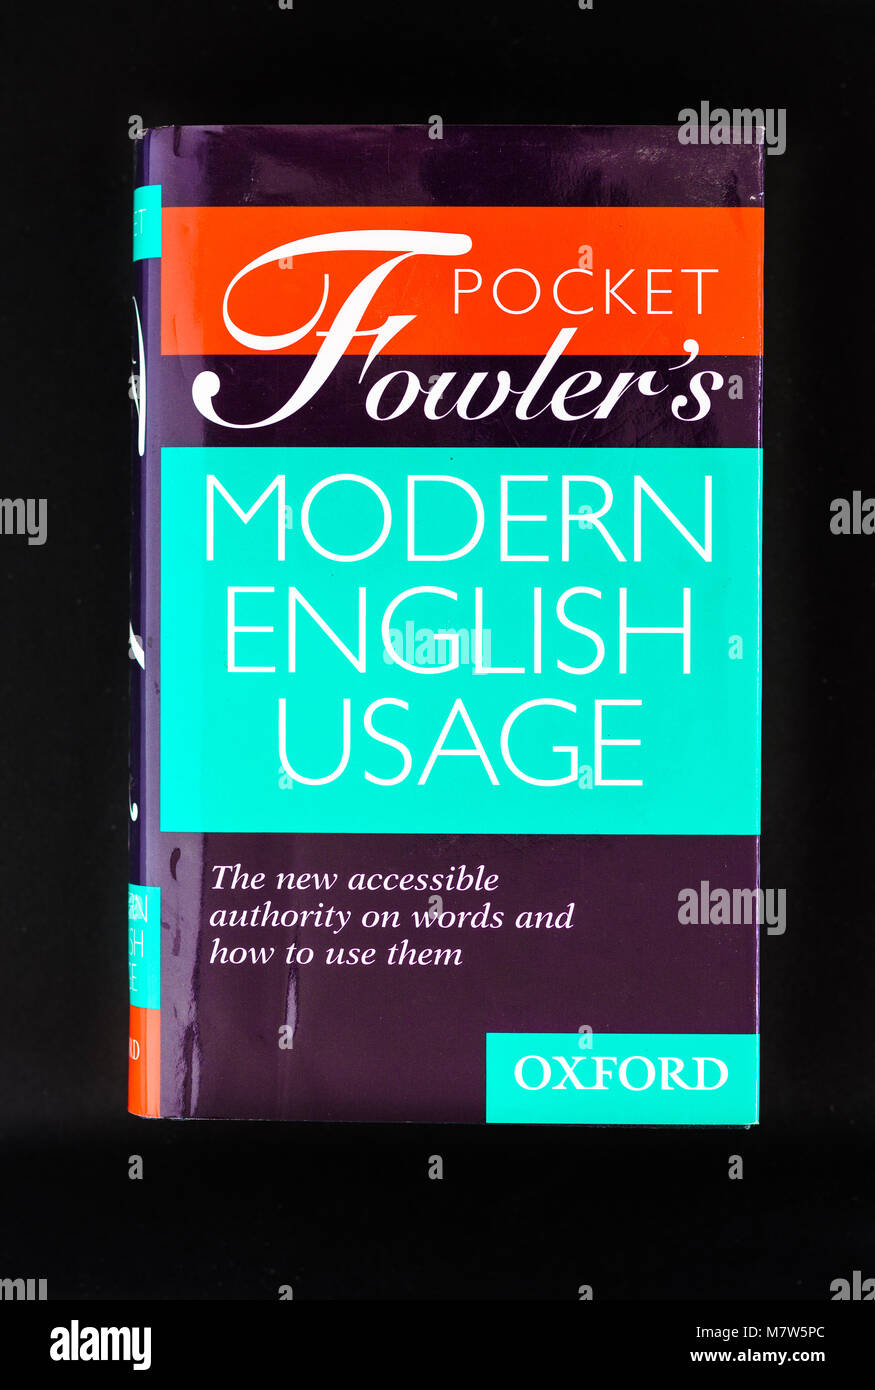 Couverture du livre de fiction de Oxfod presse avec le titre Pocket Fowler's Modern English Usage Photo Stock